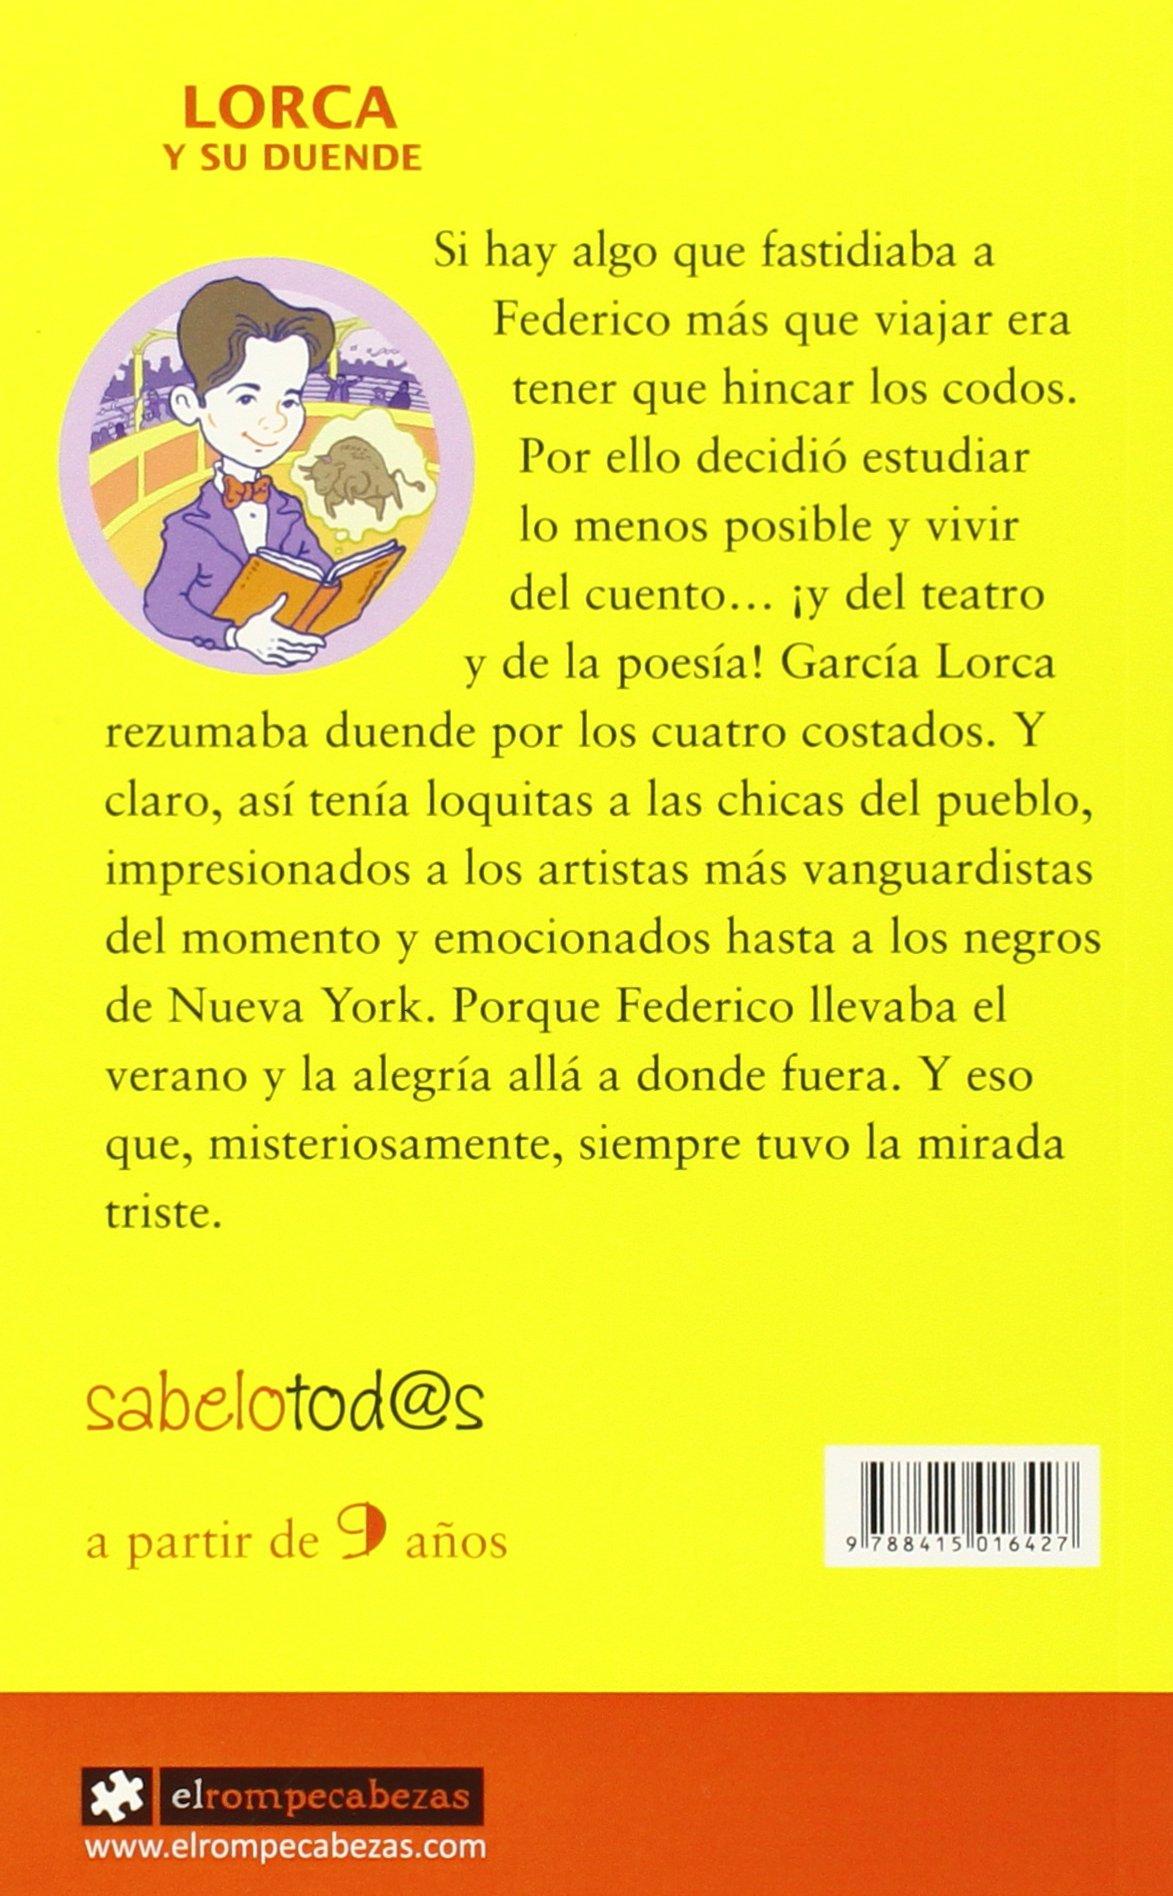 LORCA y su duende: Sara Cordón Hornillos: 9788415016427: Amazon.com: Books